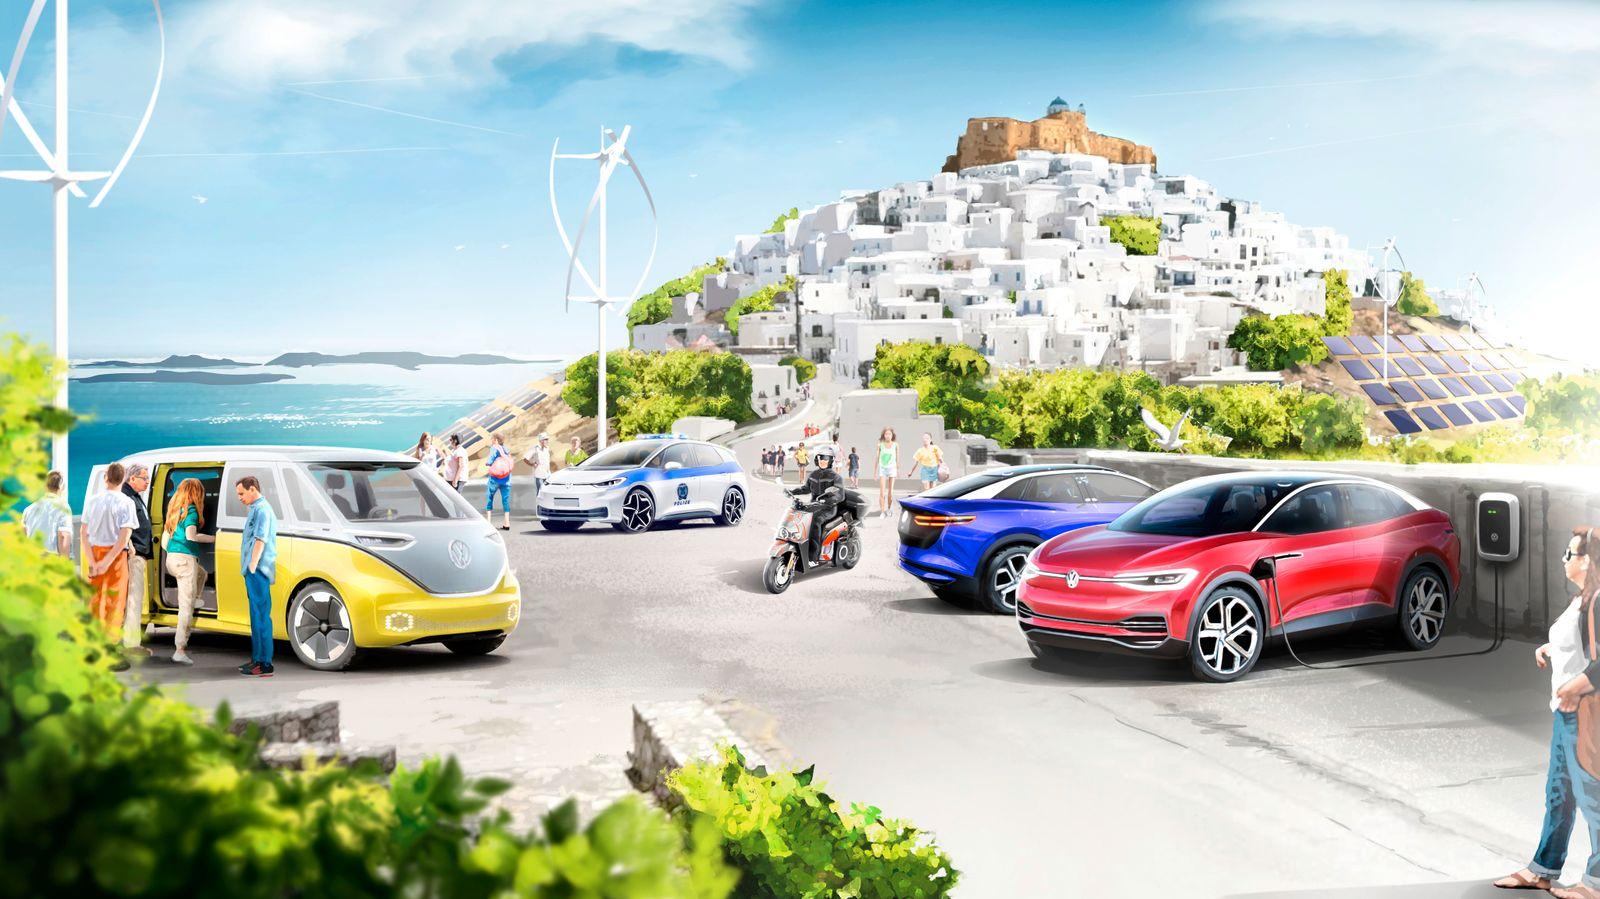 Volkswagen Griechenland Modellinsel für klimaneutrale Mobilität